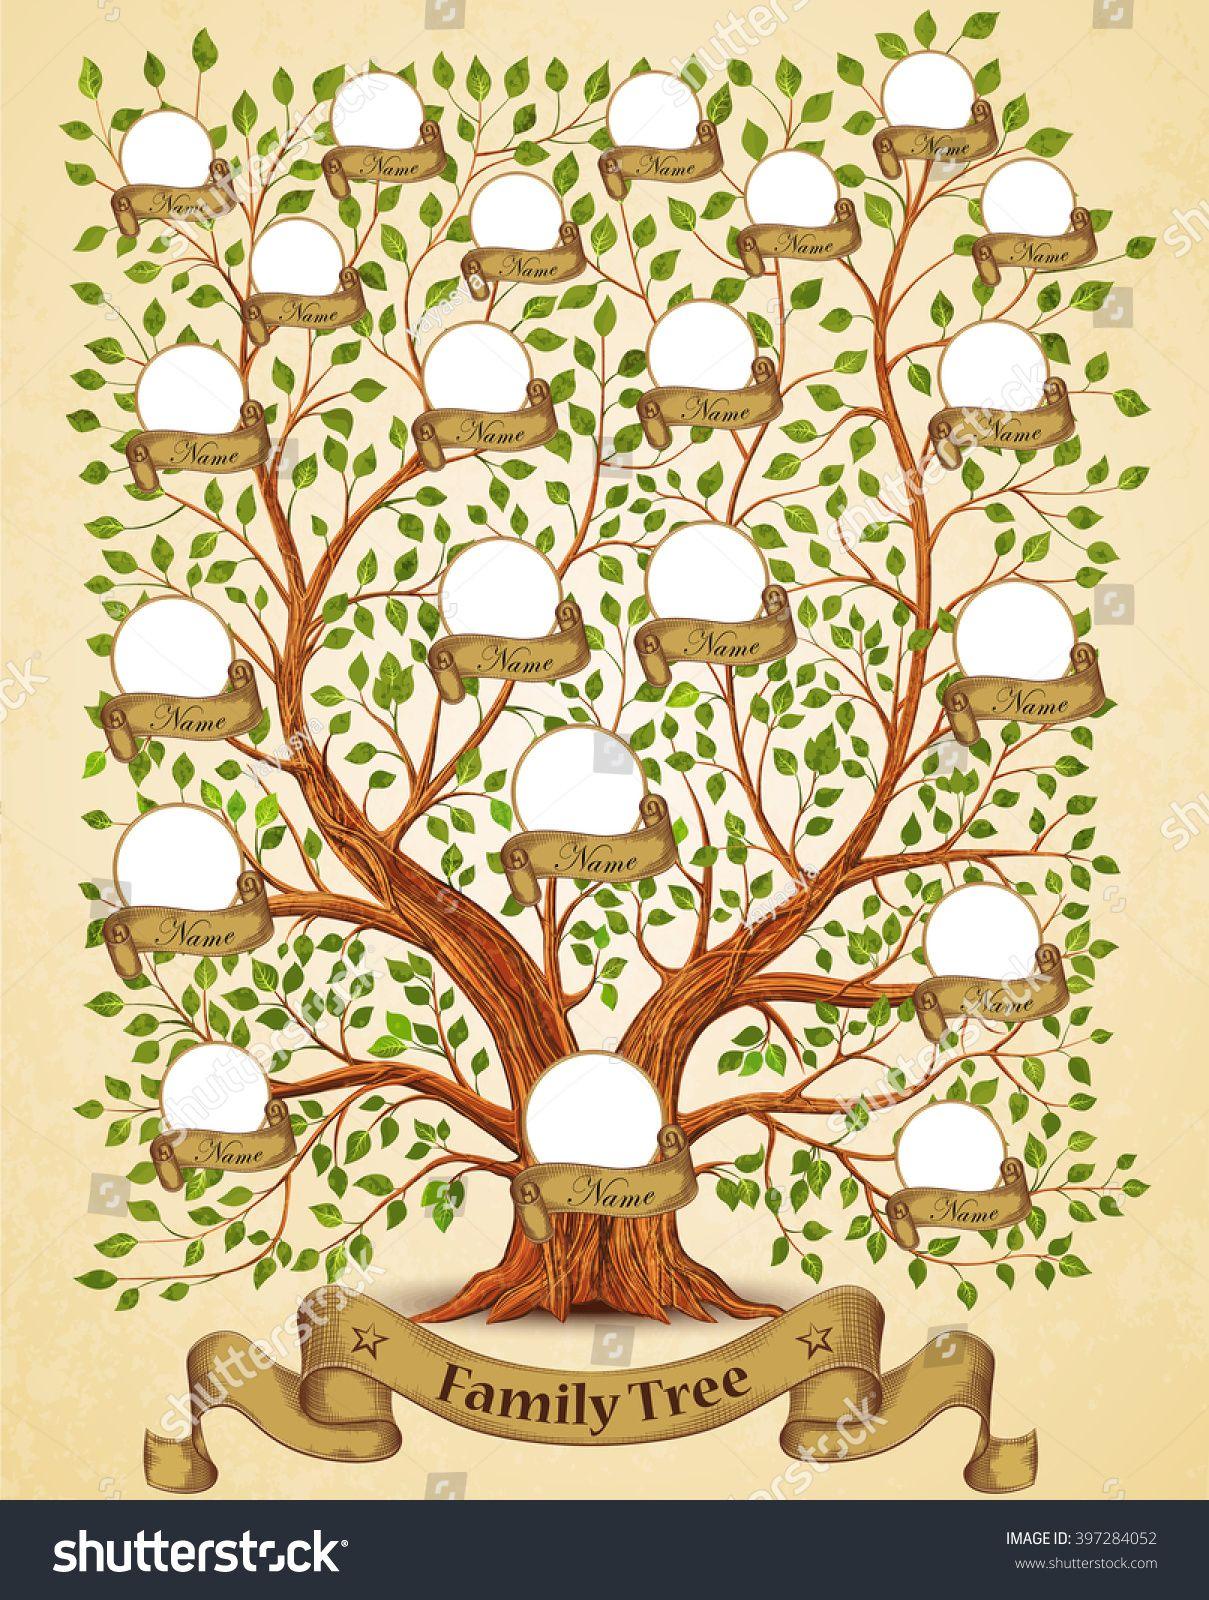 революции поздравление семейное дерево магазин